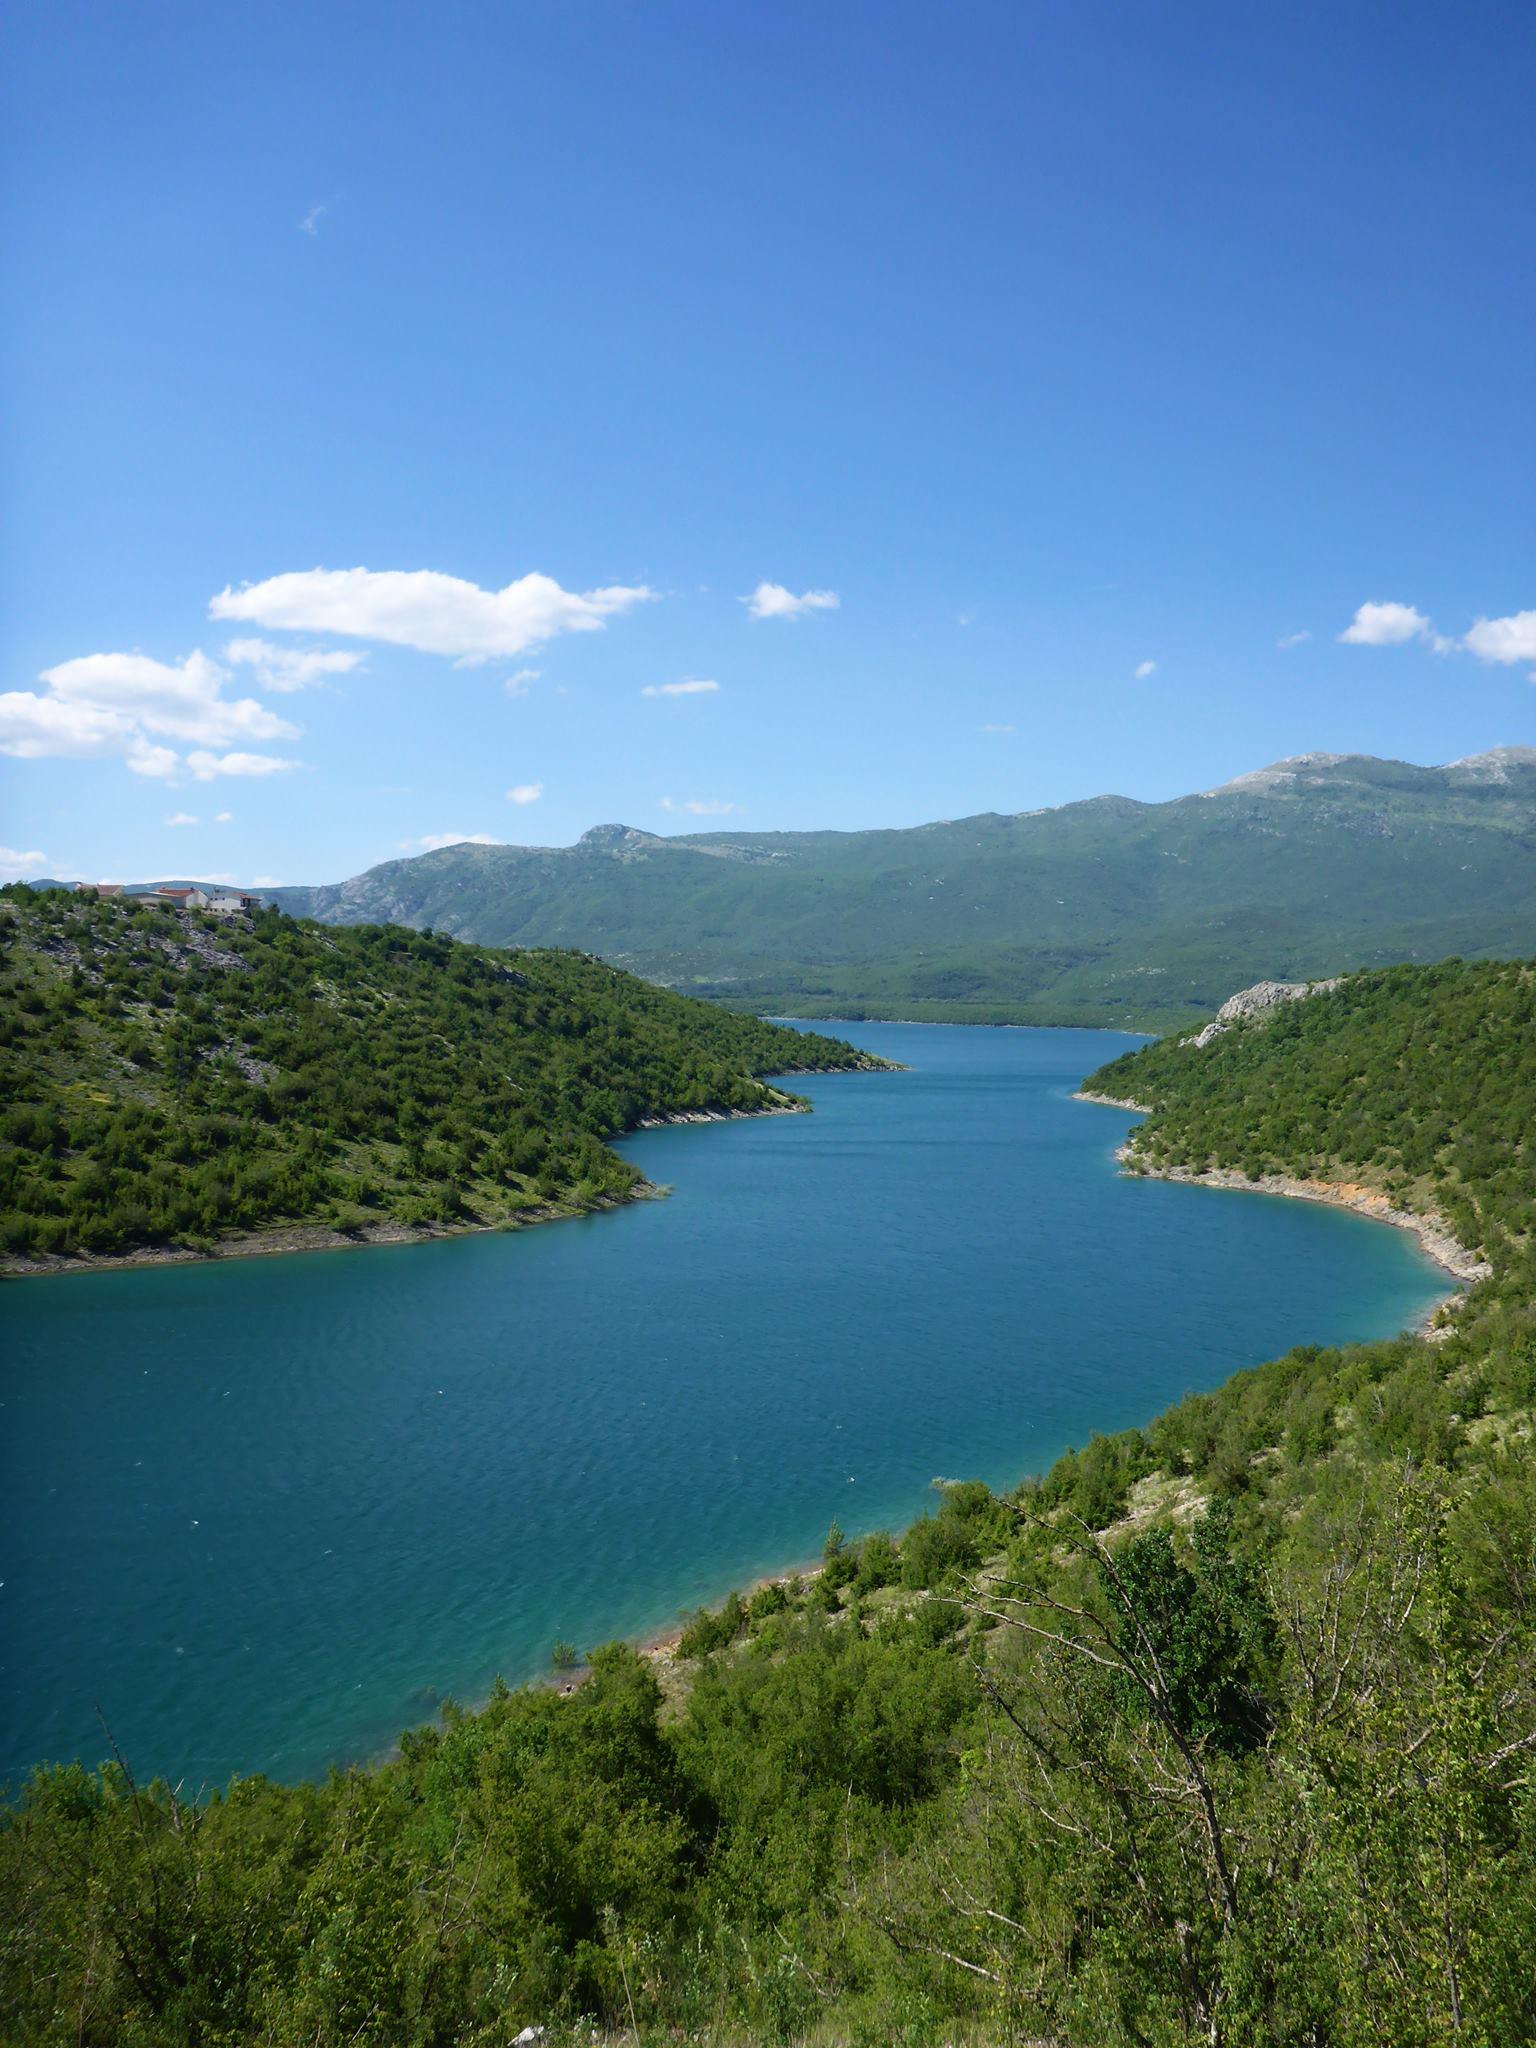 Je profite d'avoir tout ces lacs et rivières pour me baigner 2-3 fois par jour